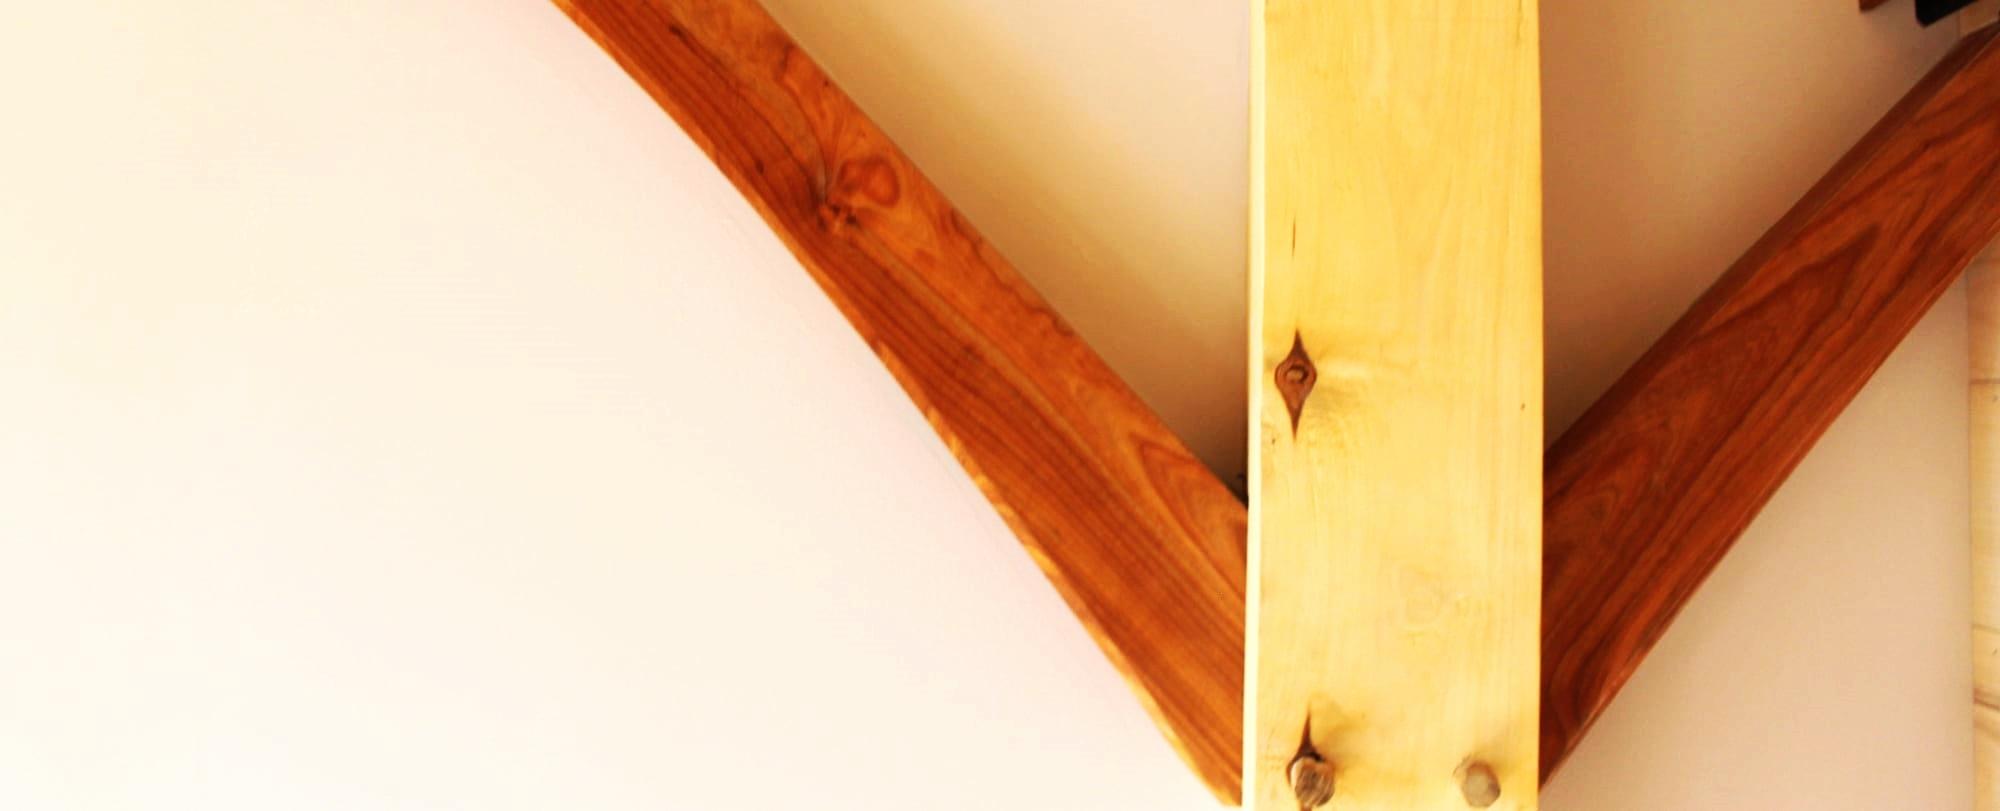 timberframe1.jpg